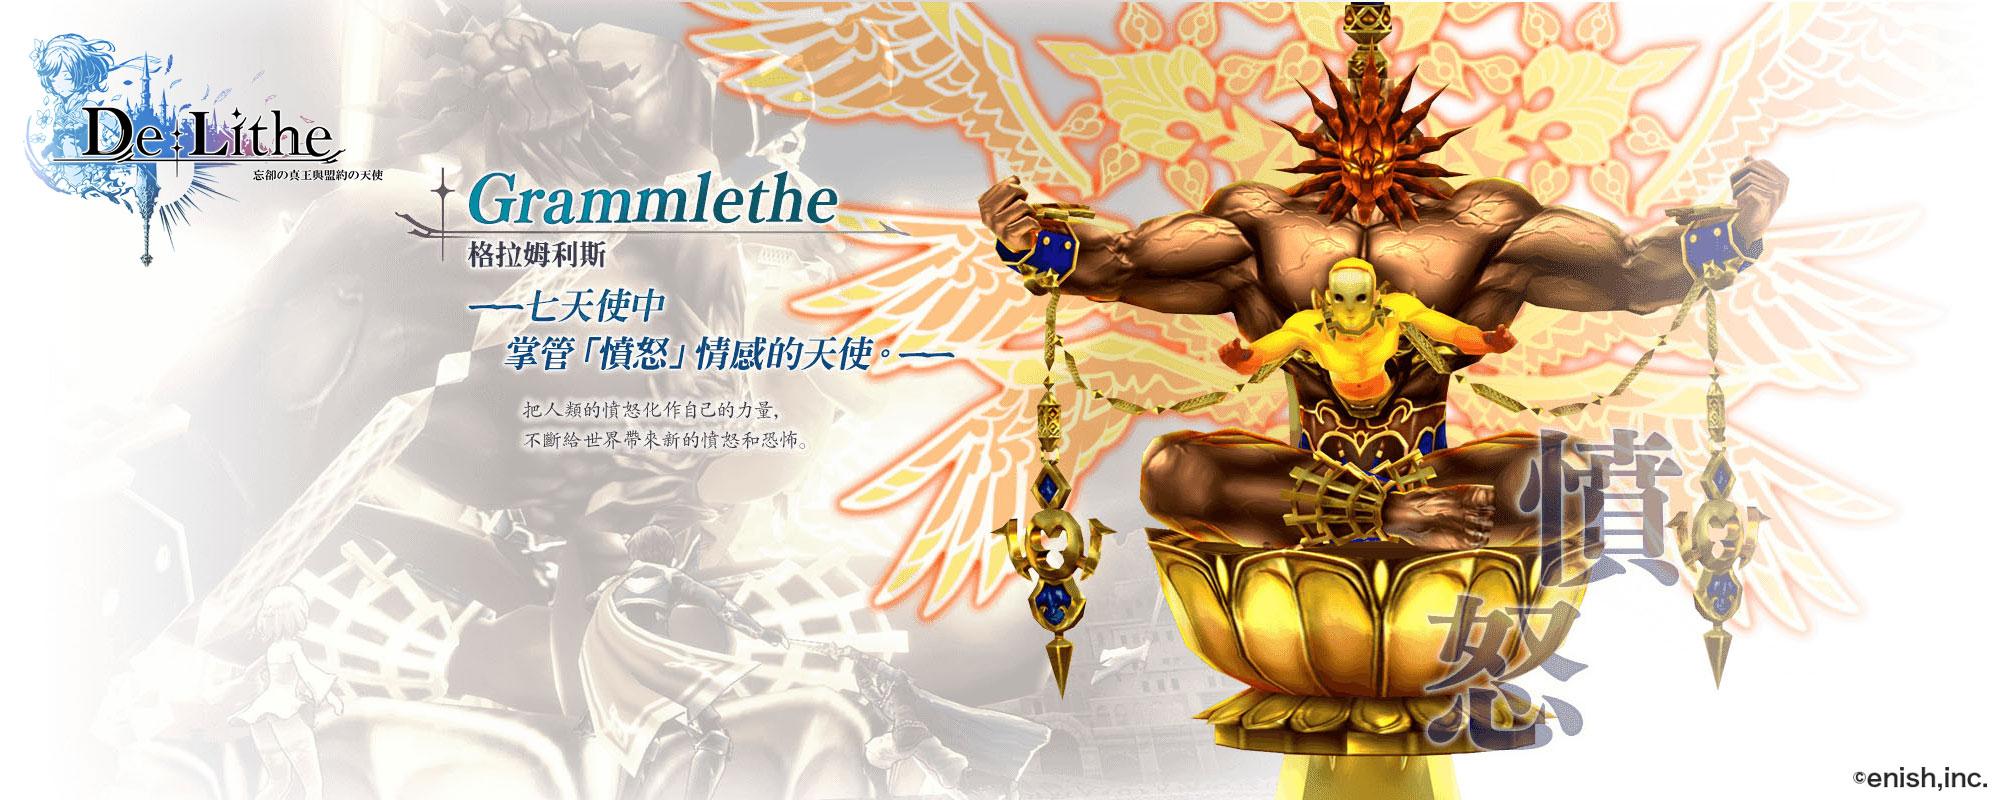 ▲天使「格拉姆利斯」乃是掌管憤怒的天使,會將人類的憤怒化為自身神力!